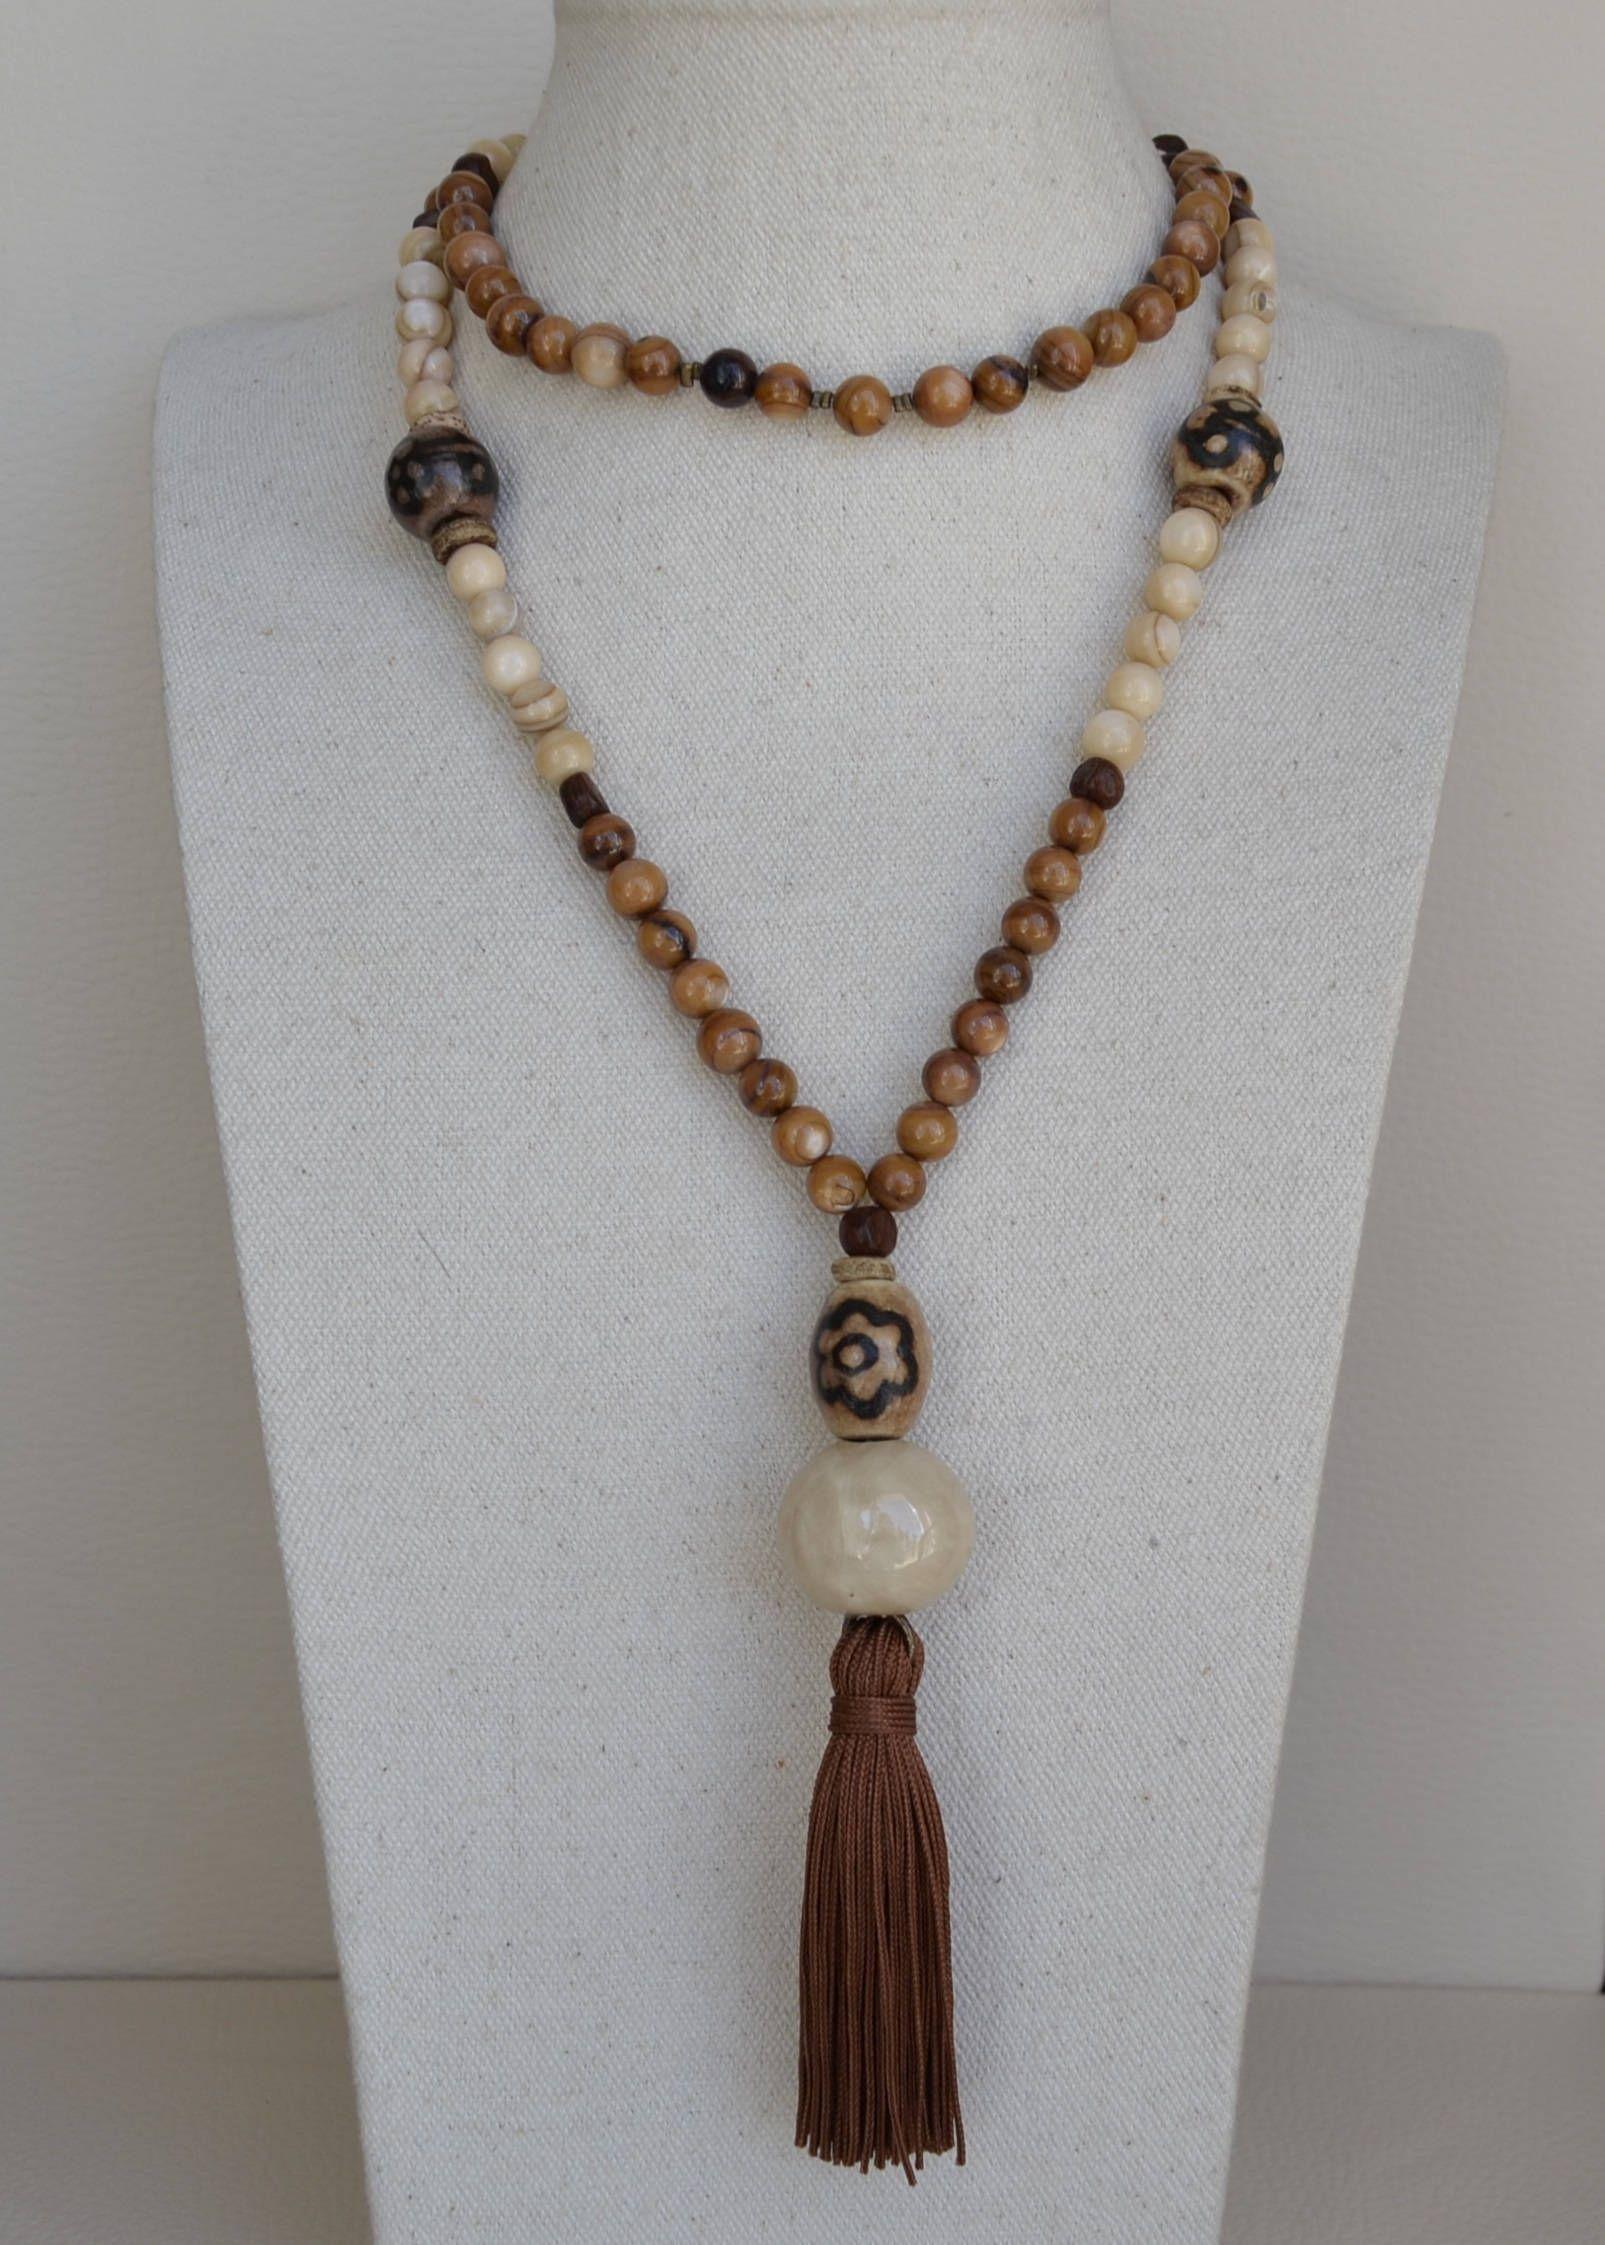 77dfc8572d54 Collar largo en finisimas piedras naturales de Nácar marron y Nácar beige.  de vithrashop en Etsy